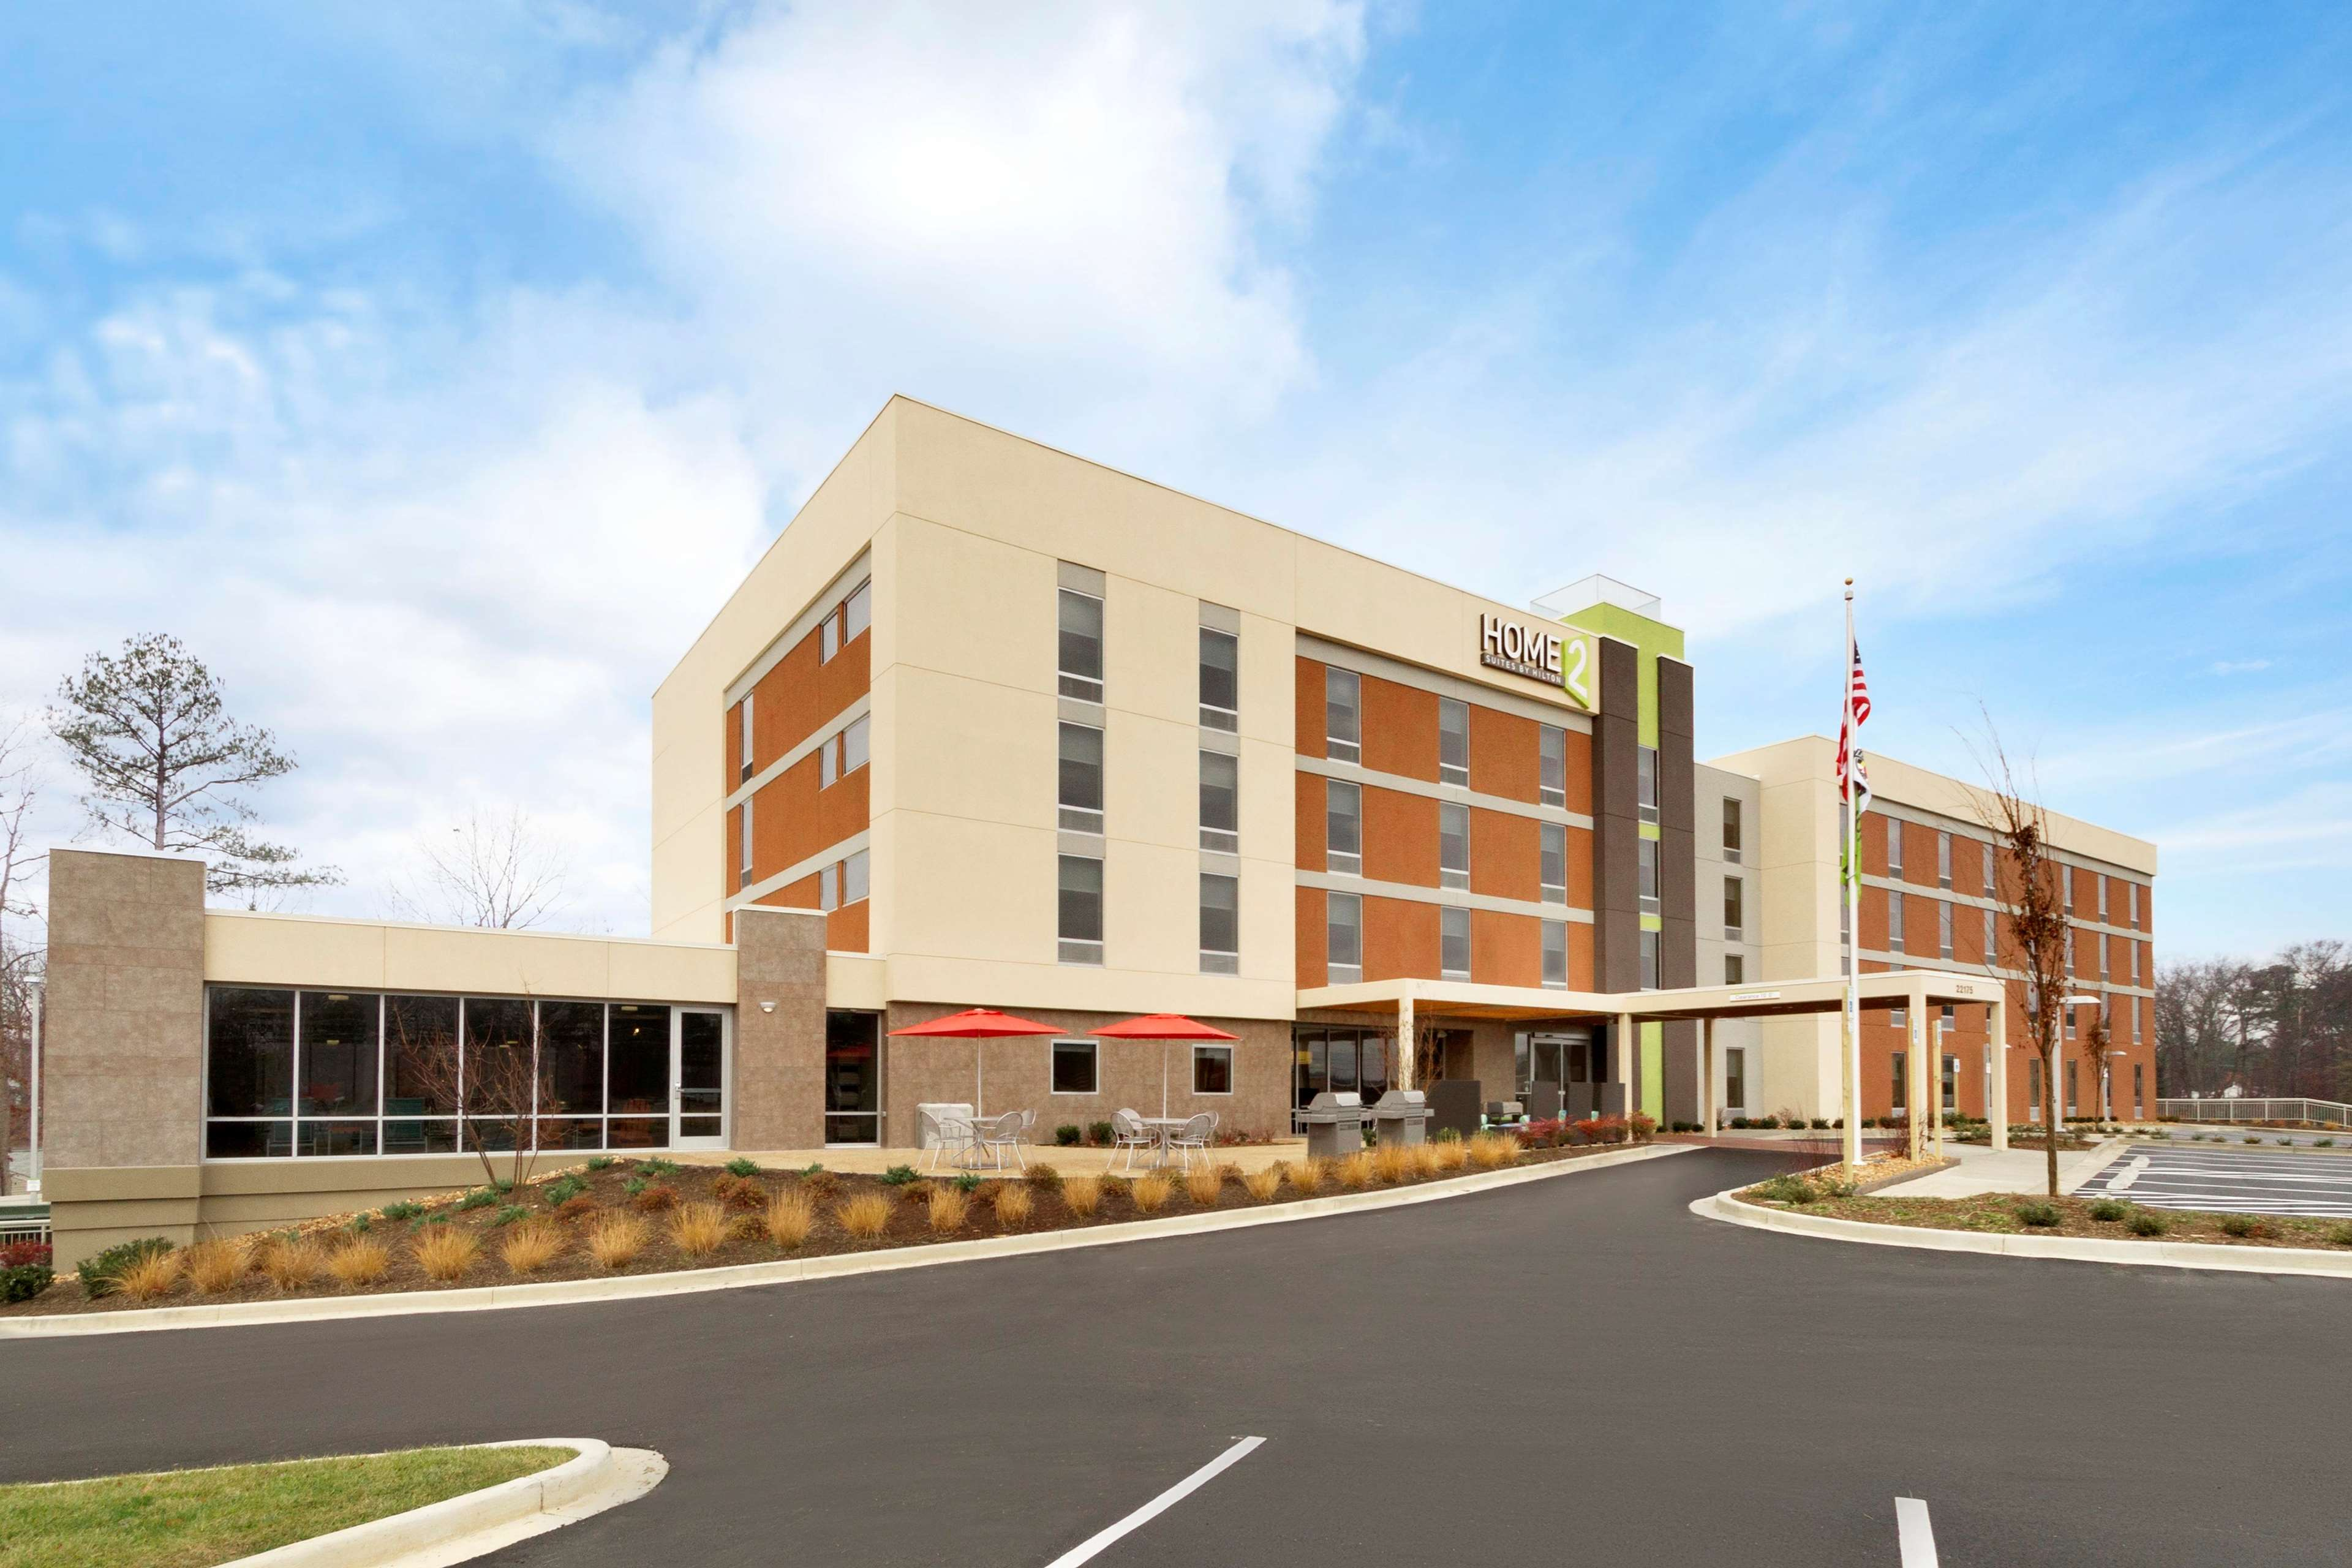 Home2 Suites by Hilton Lexington Park Patuxent River NAS, MD image 17